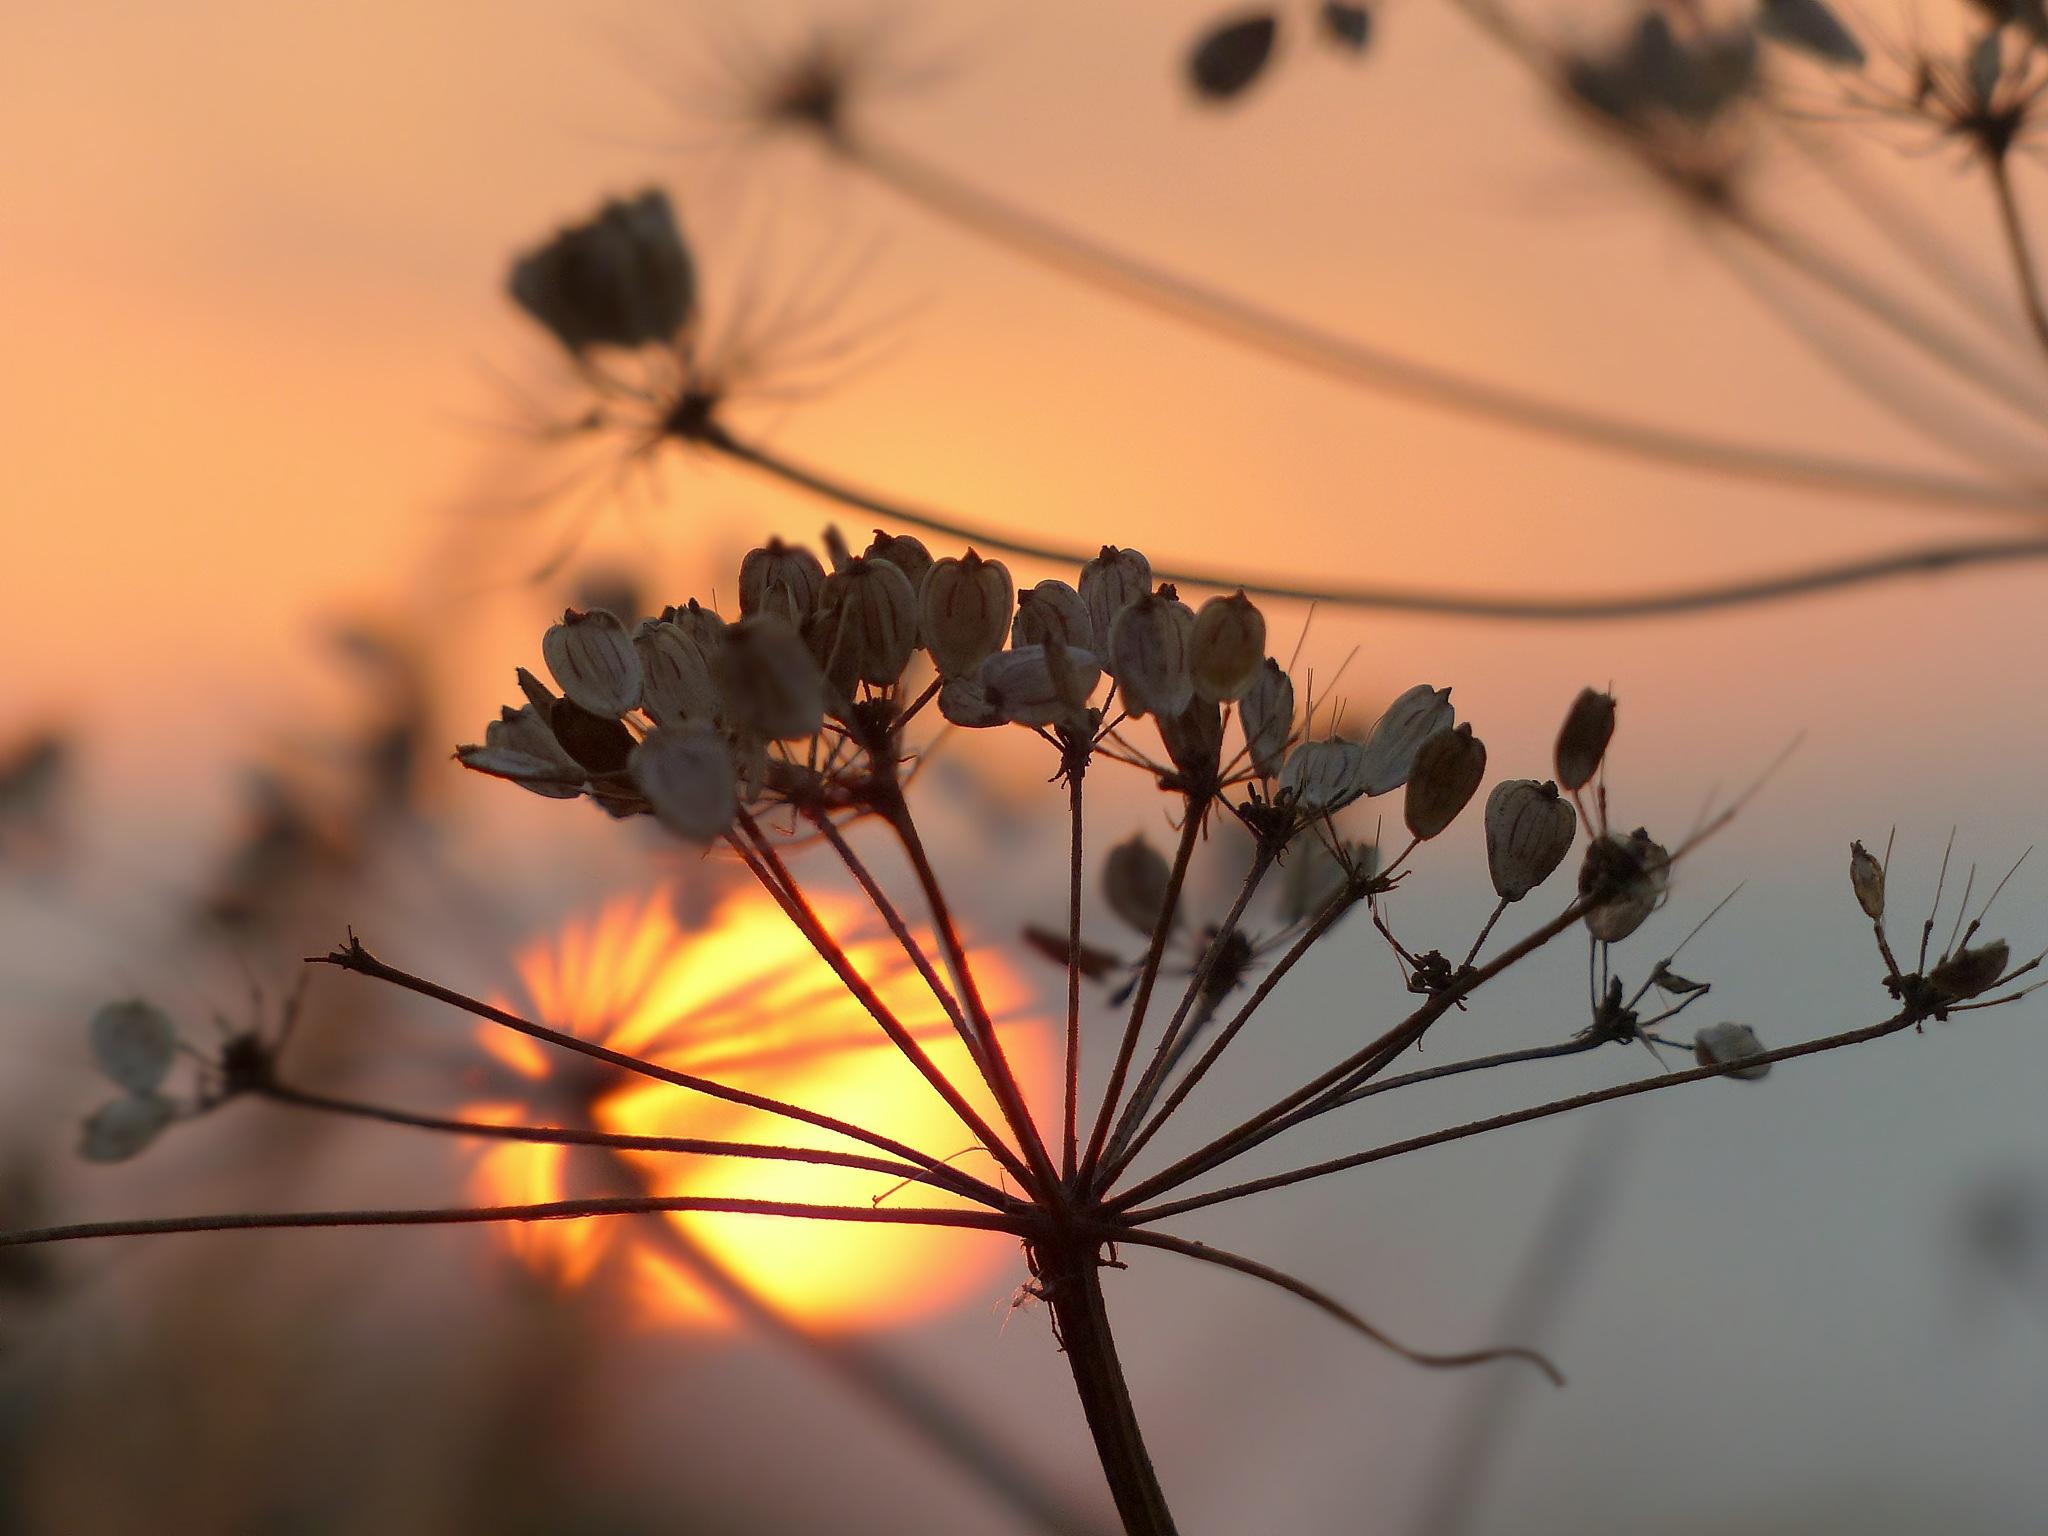 In the setting sun by kaskap444